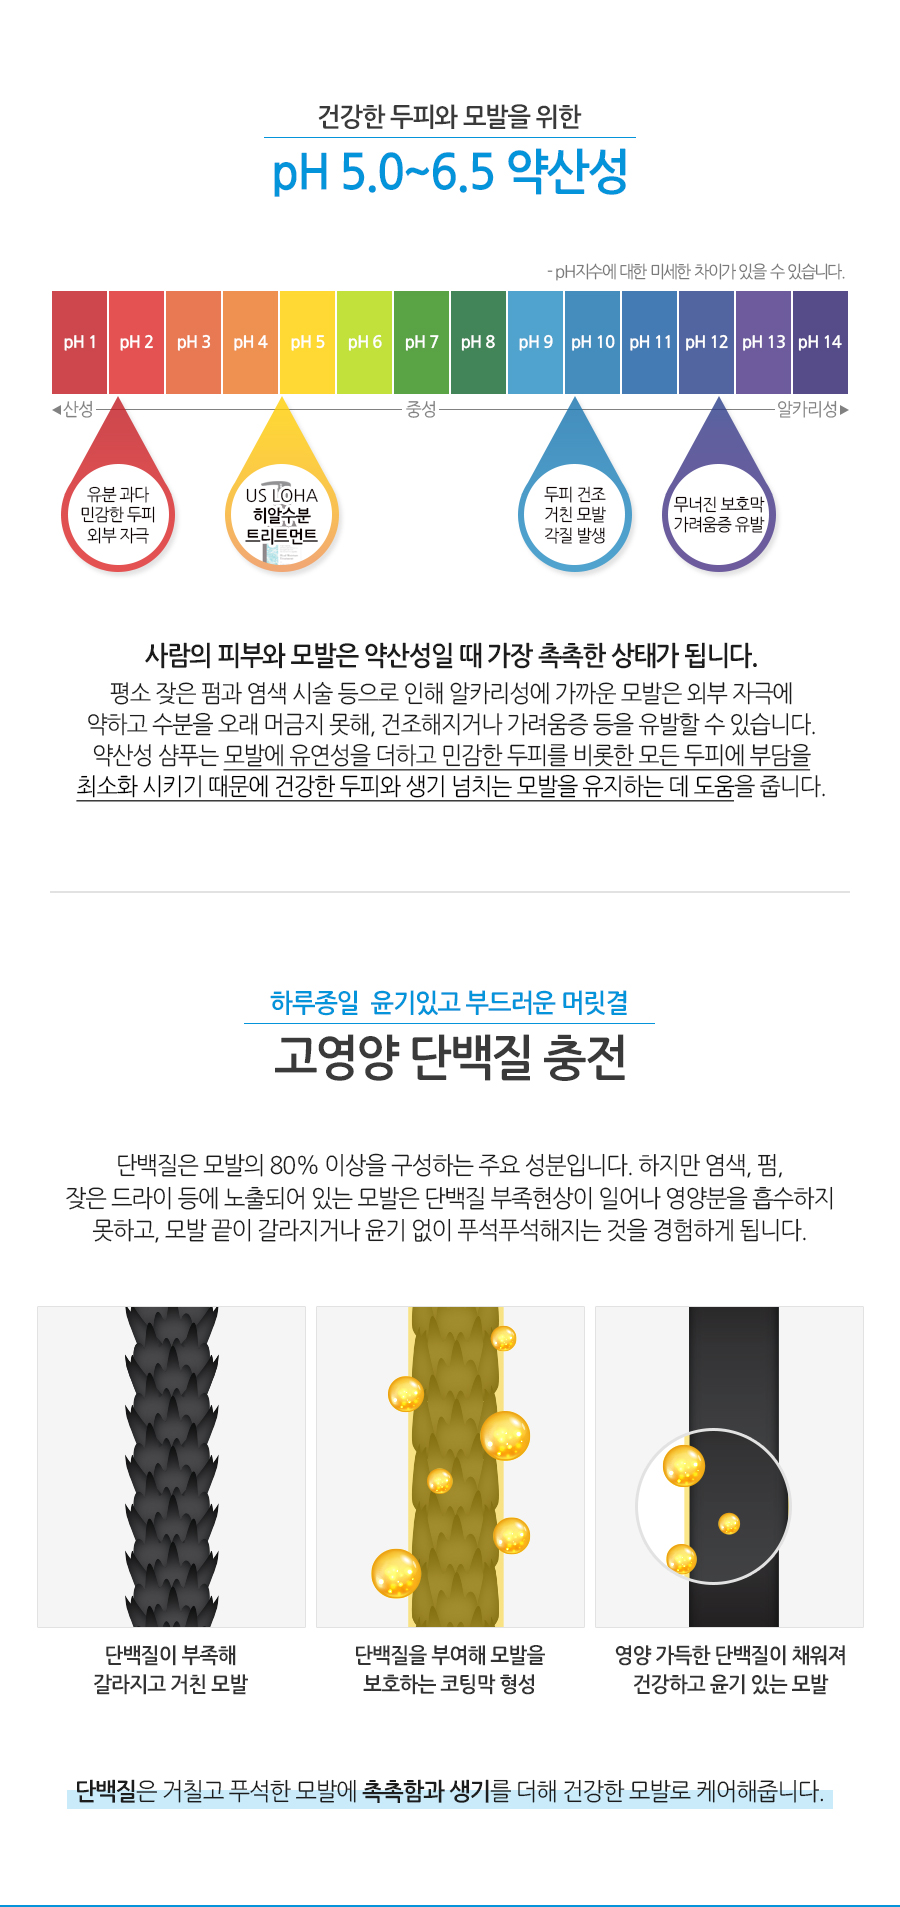 모공케어 대용량 클렌징폼 + 트리트먼트 세트 - 어스로하, 23,500원, 헤어케어, 샴푸/린스